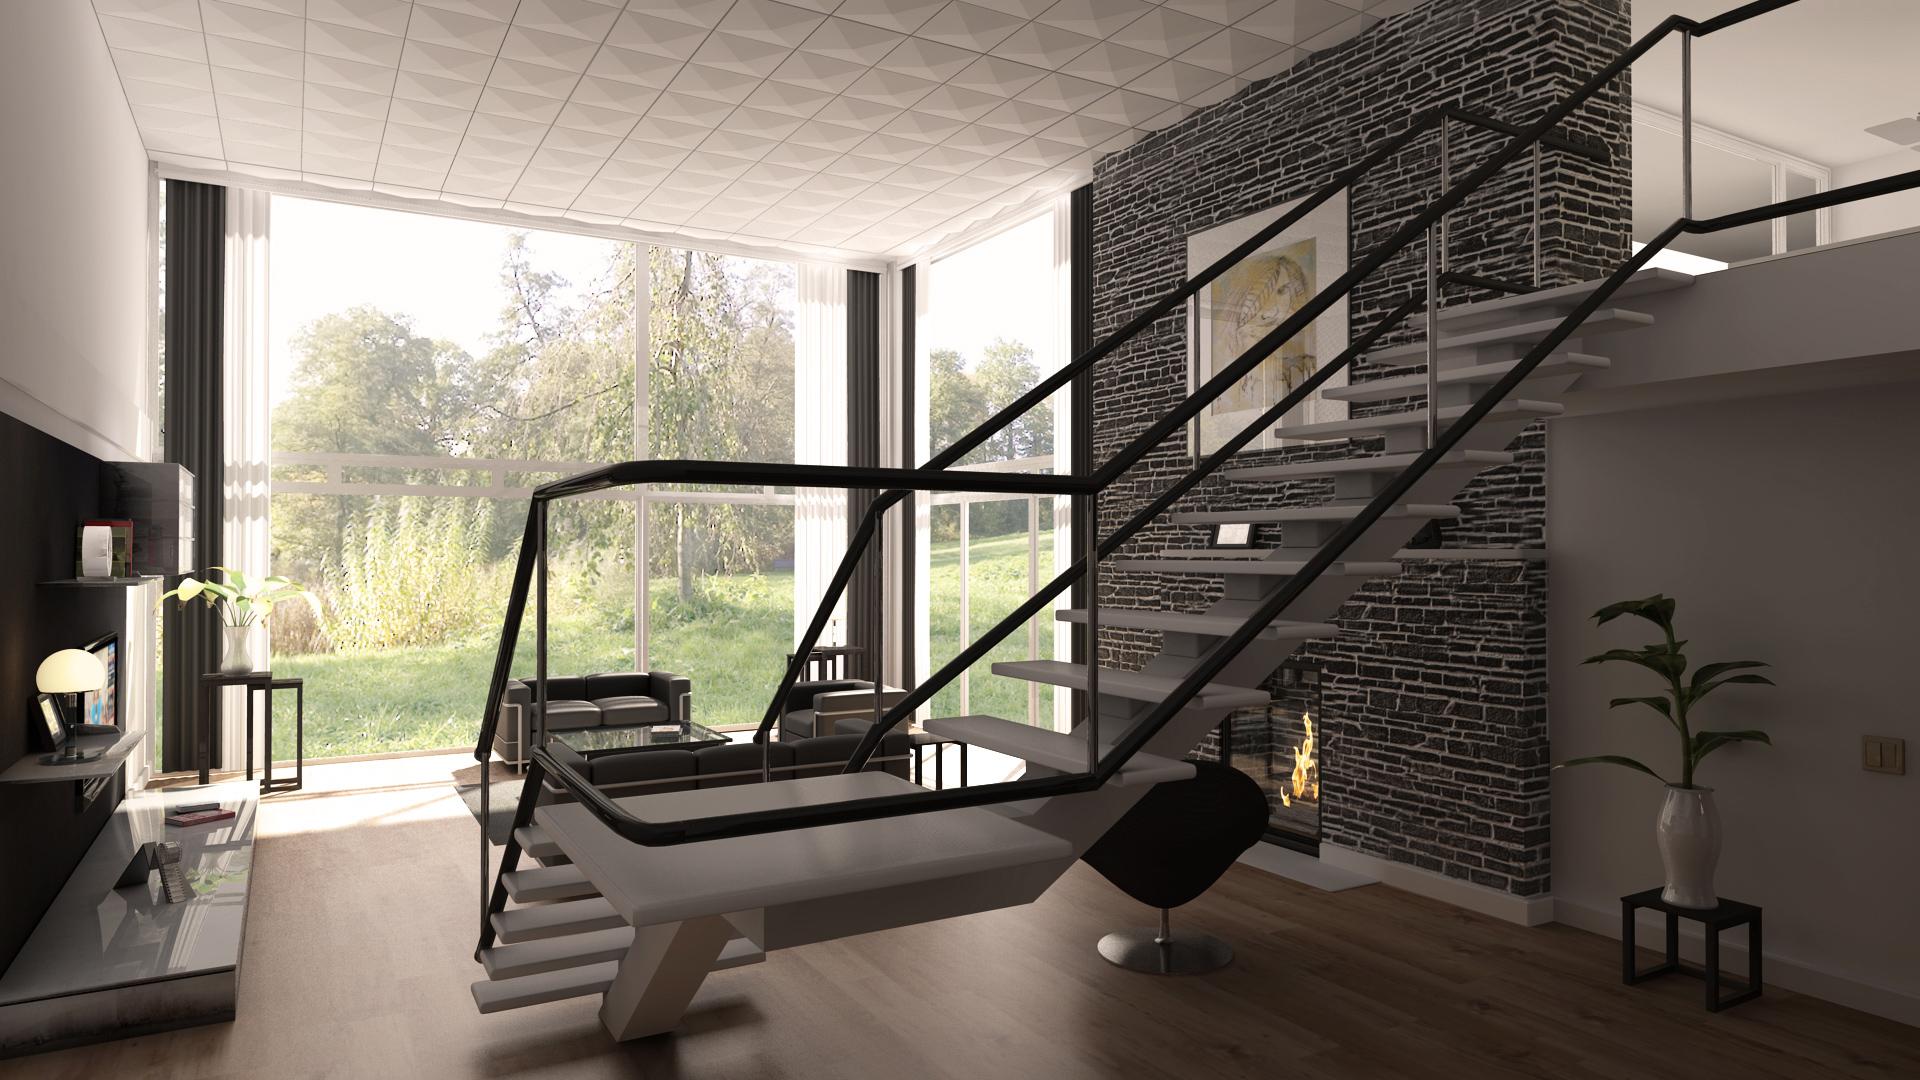 Wohnzimmer 3 interior wohnzimmer haus 3d - Steinmauer wohnzimmer ...